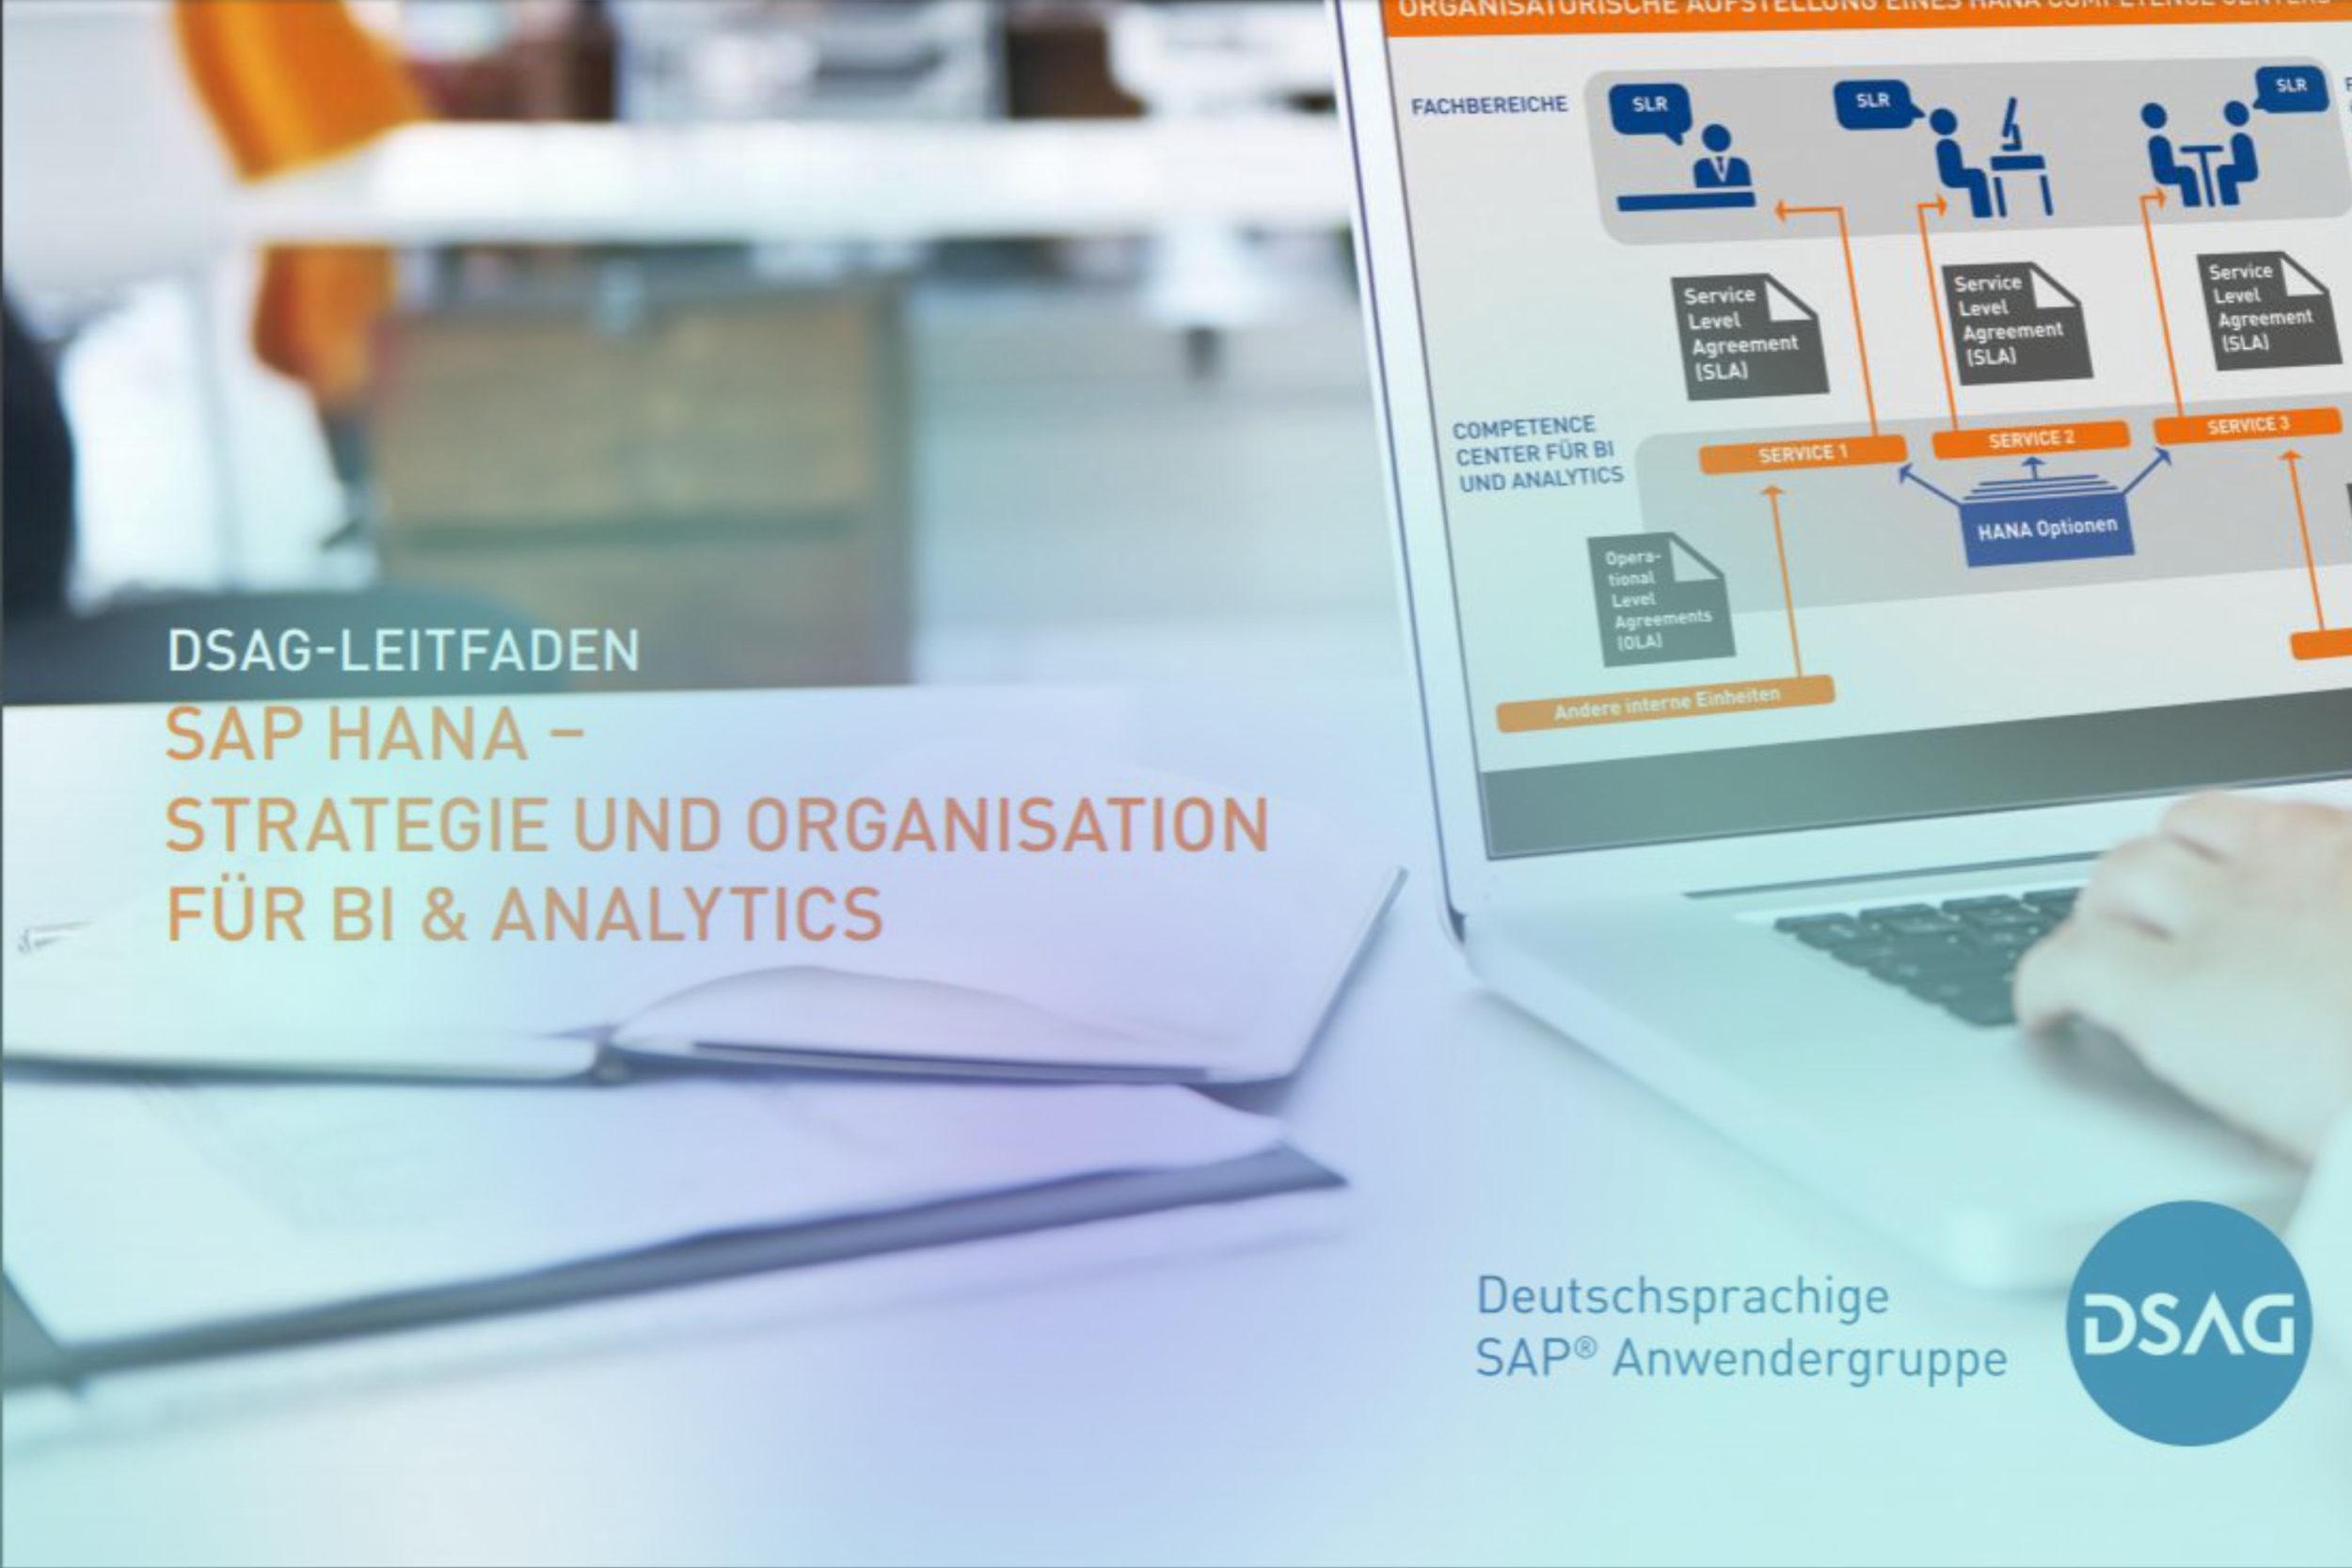 Cover des DSAG Leitfadens für SAP HANA